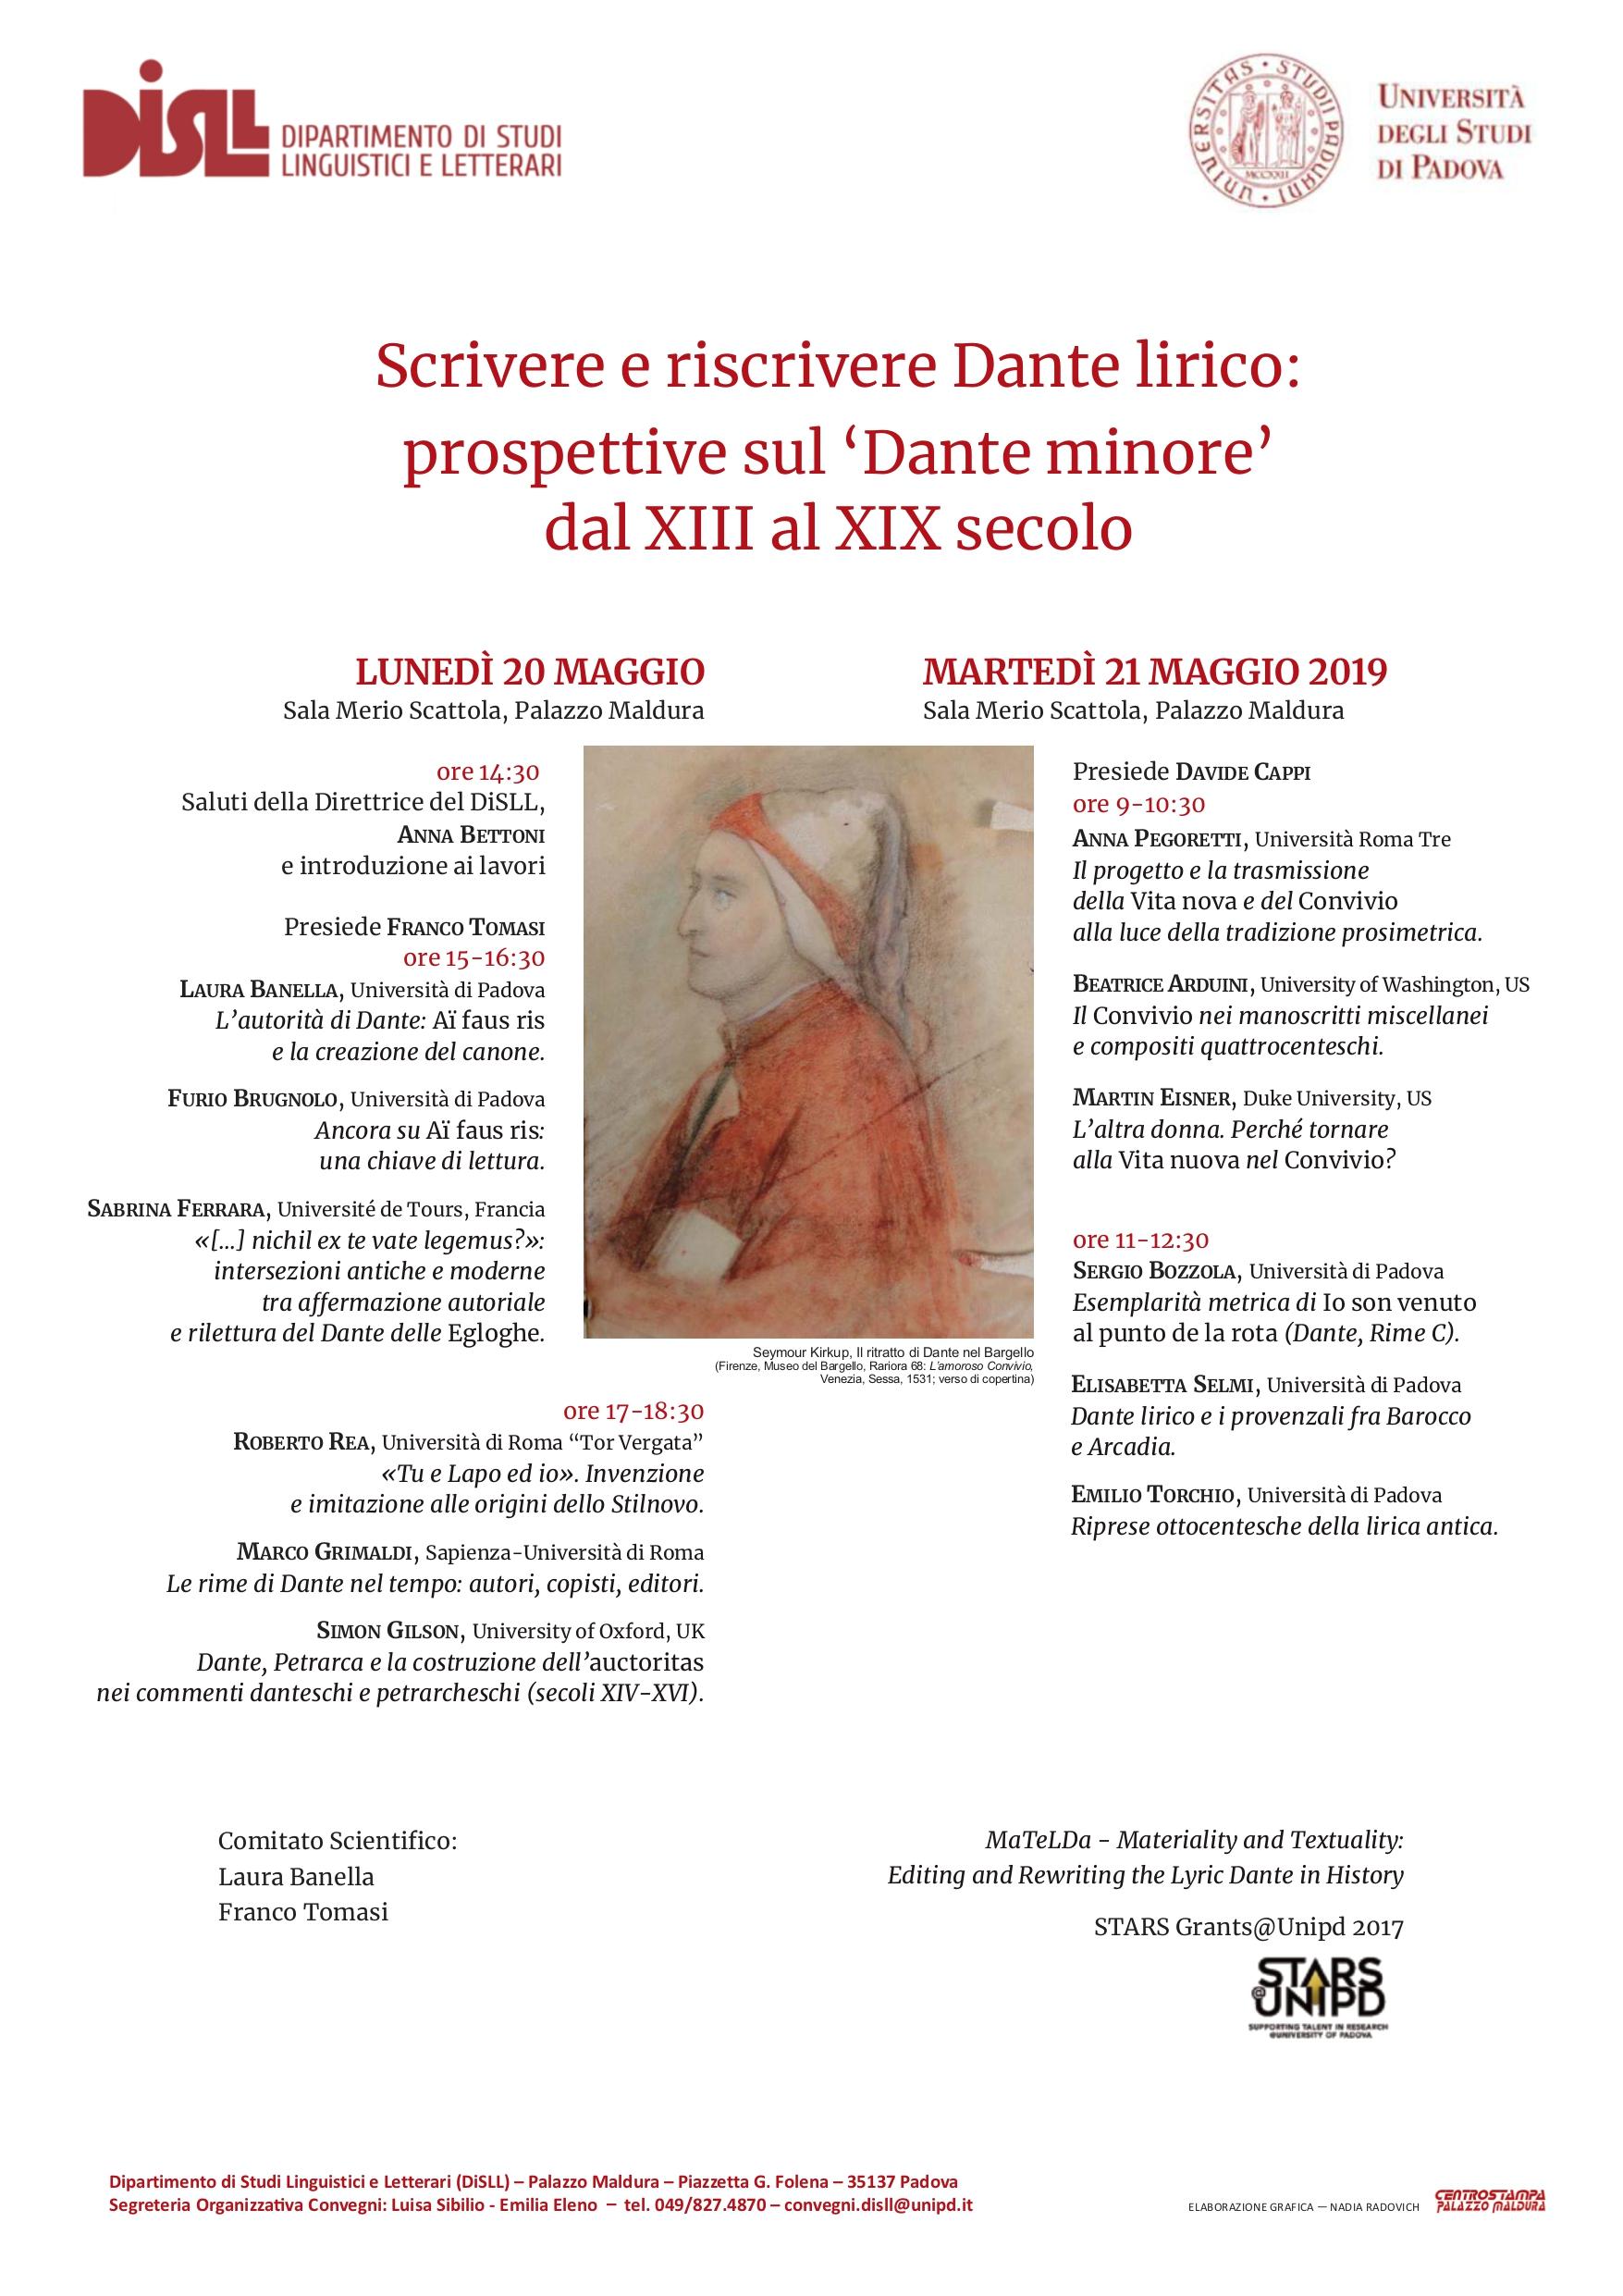 Banella_20-21 maggio_Locandina con programma(1)_page-0001